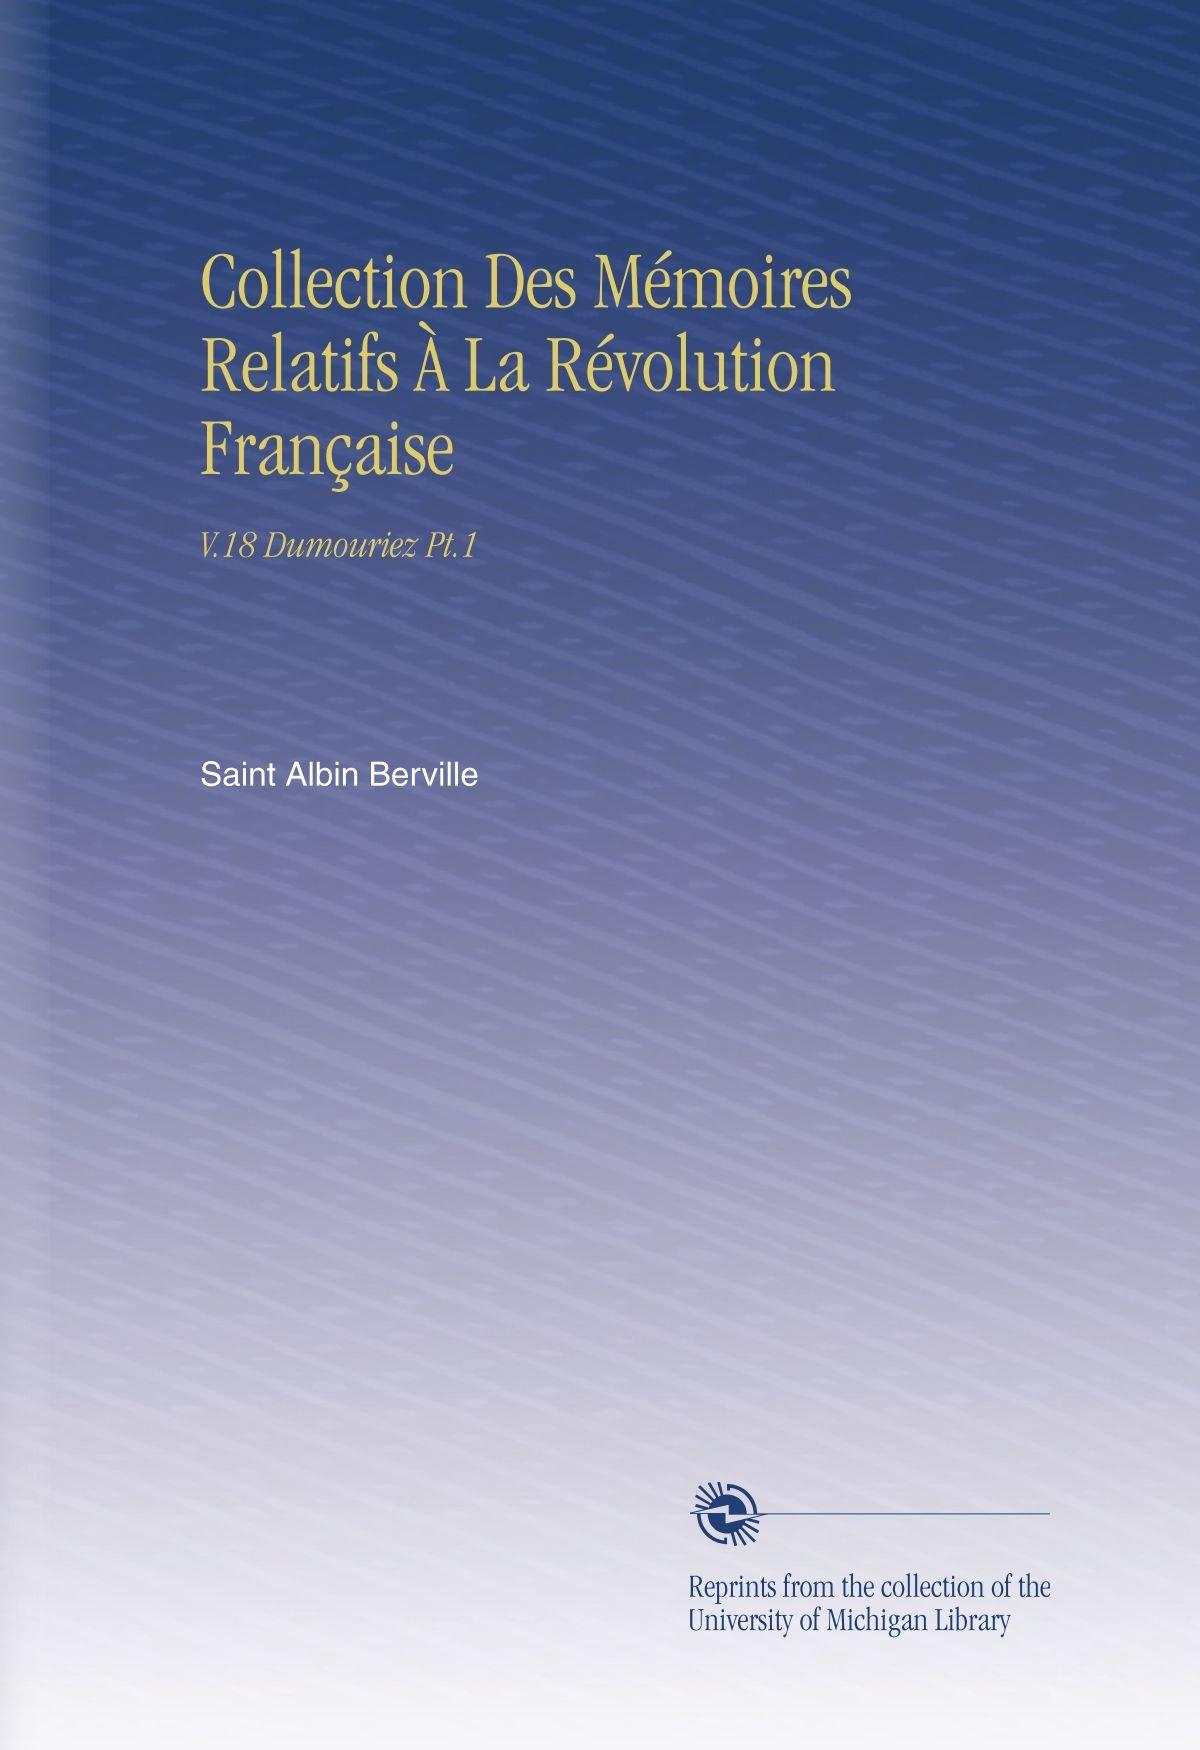 Collection Des Mémoires Relatifs À La Révolution Française: V.18 Dumouriez Pt.1 (French Edition) ebook